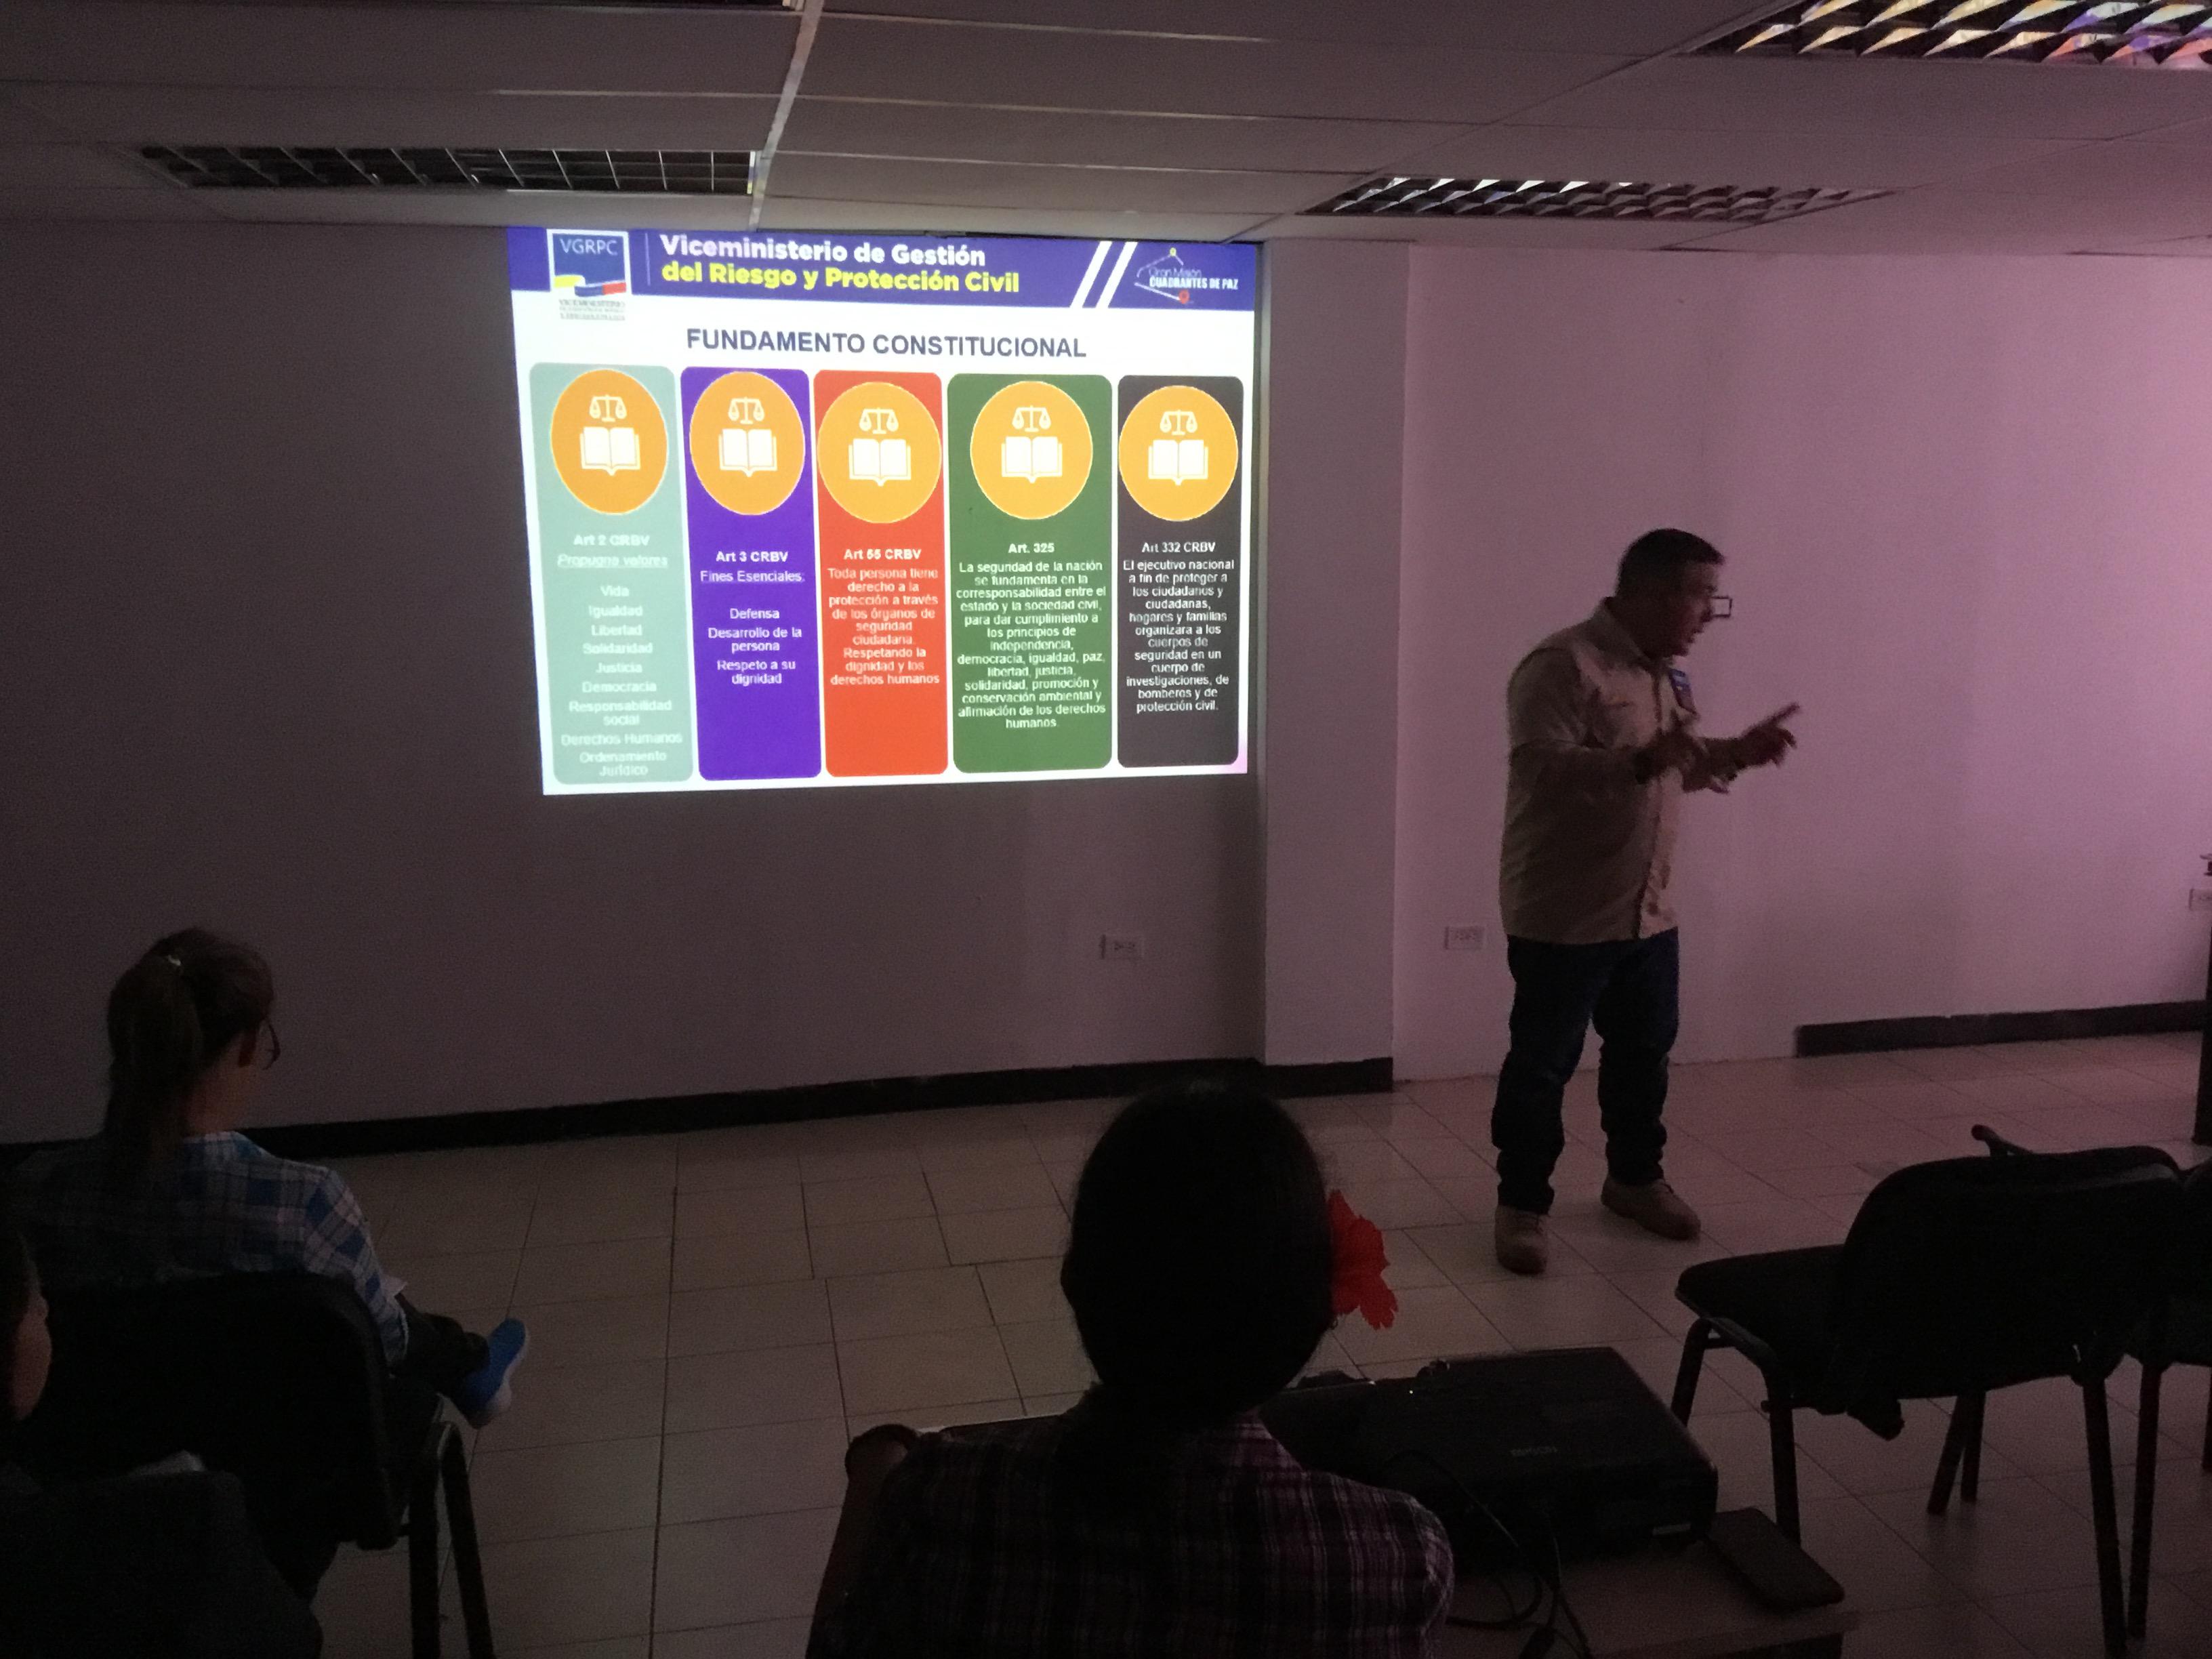 Sistema Nacional de Gestión de Riesgo establece alianzas con Min-Salud (1)